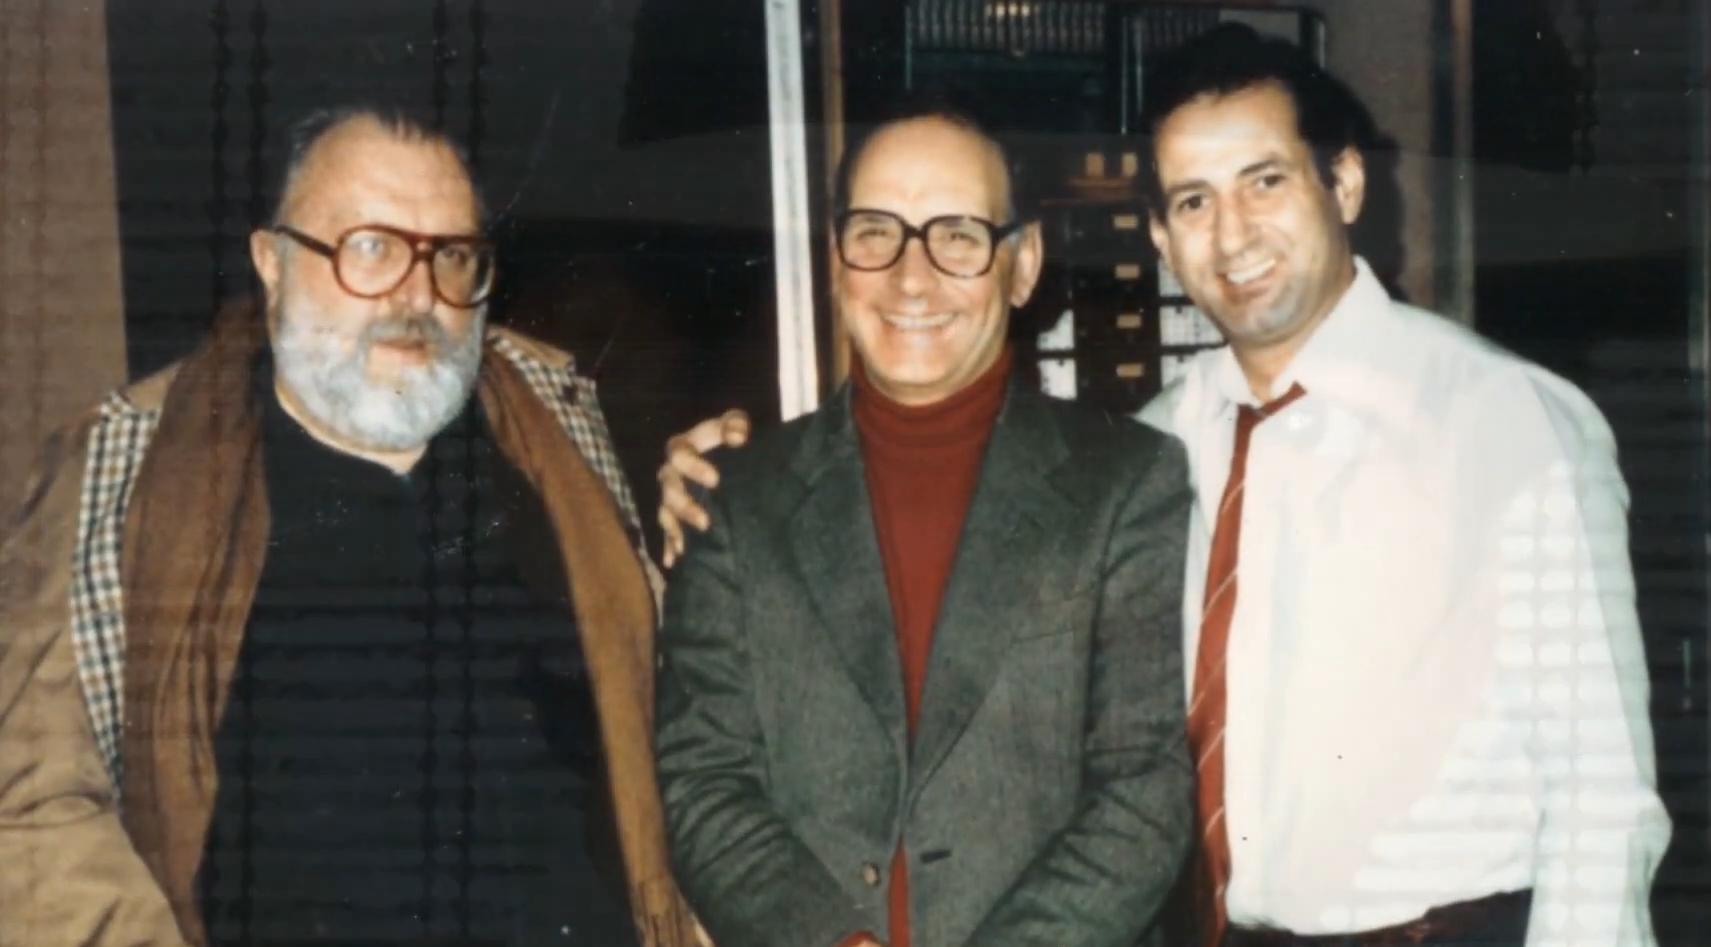 Sergio Leone, Ennio Morricone, Gheorghe Zamfir.jpg